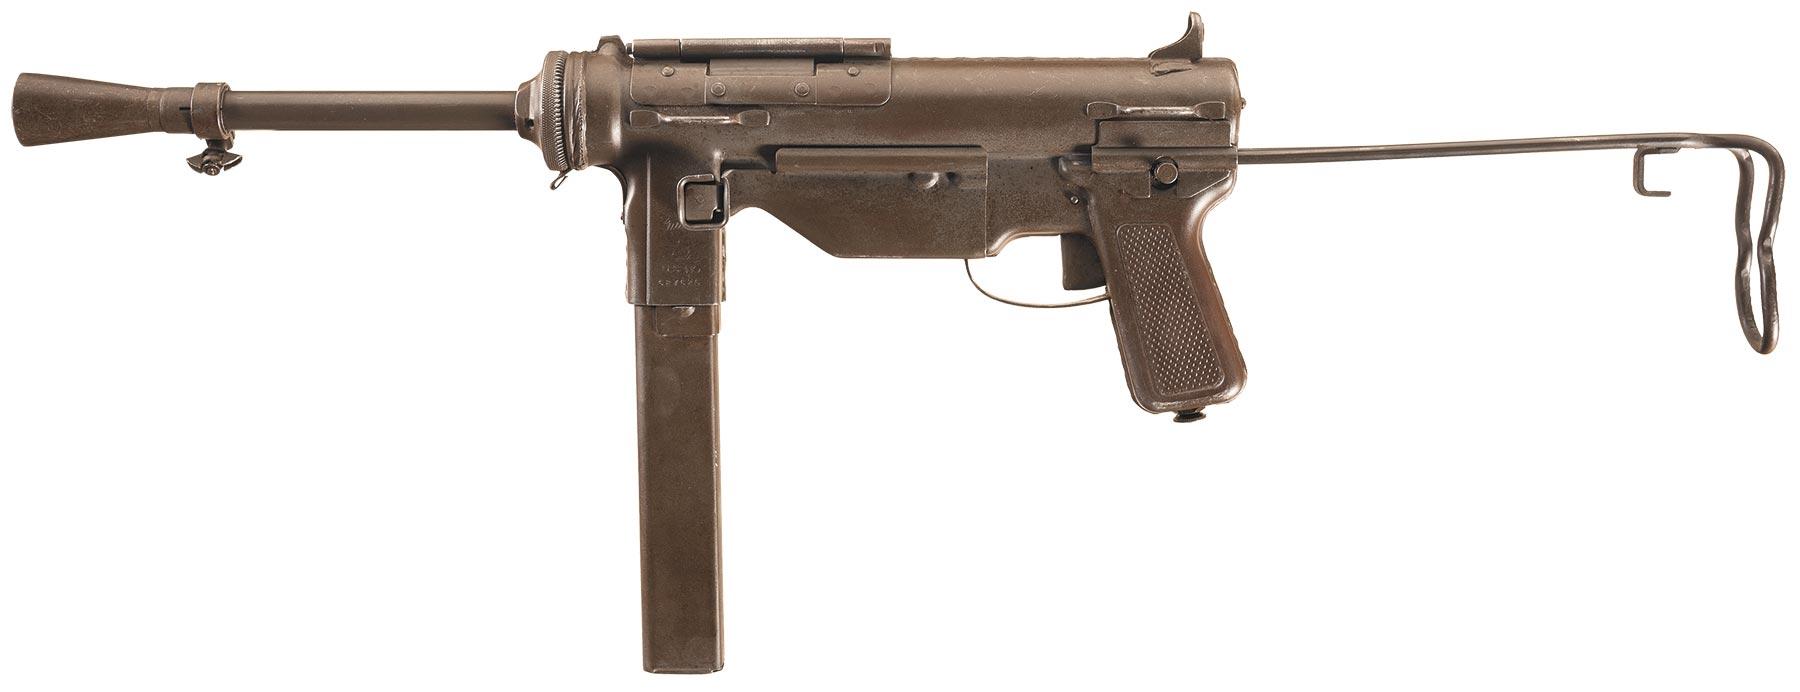 machine gun lamp photo - 9